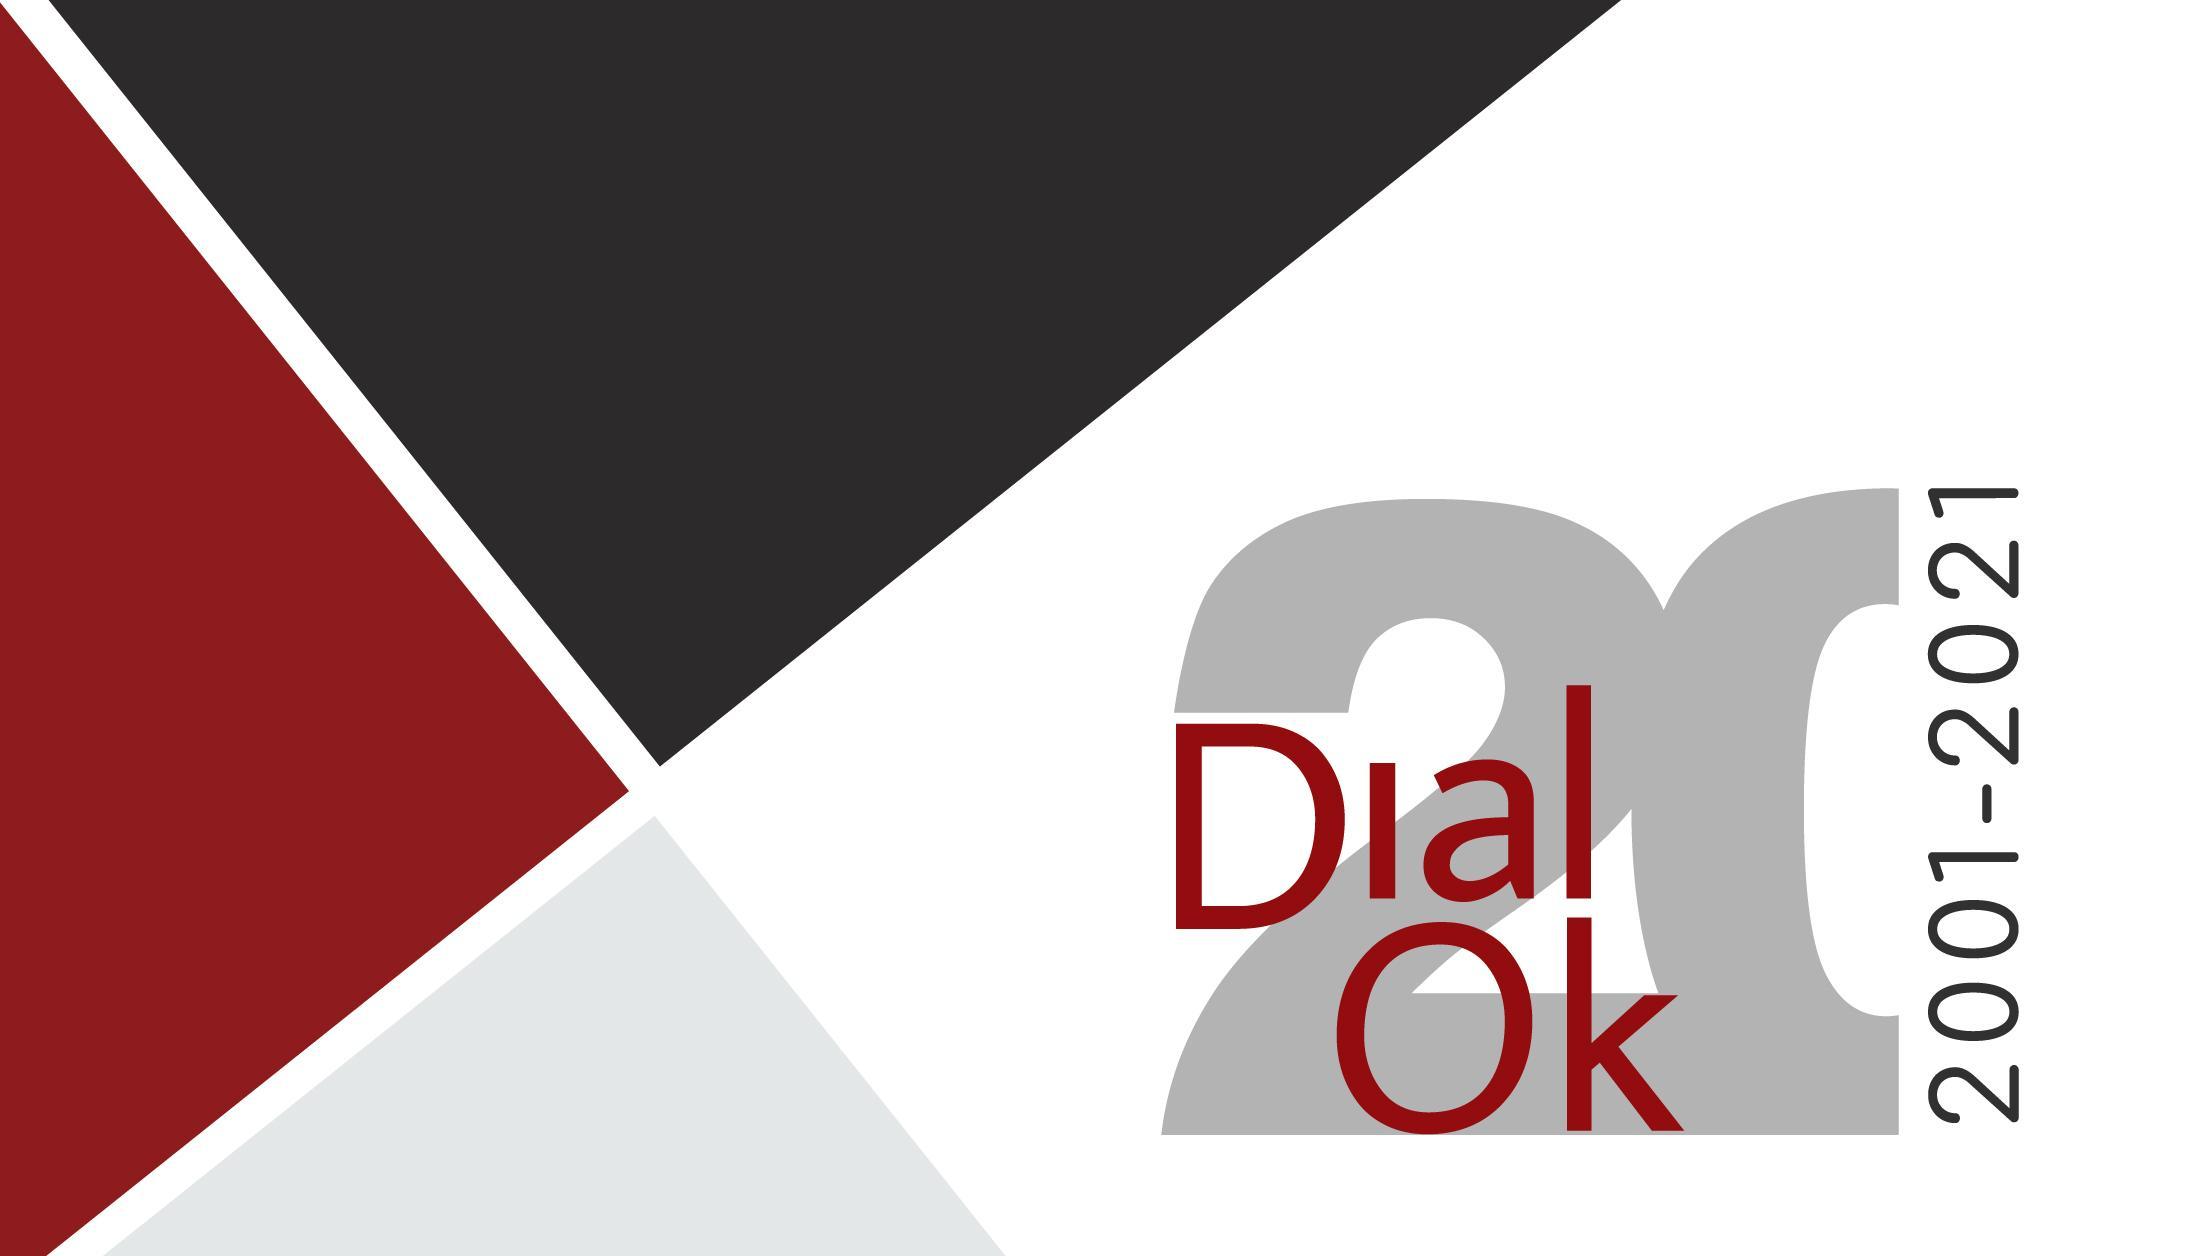 DialOk täyttää 20 vuotta! Puhelinvaihteen ammattilaiset ovat tehneet töitä meillä vuodesta 2001.